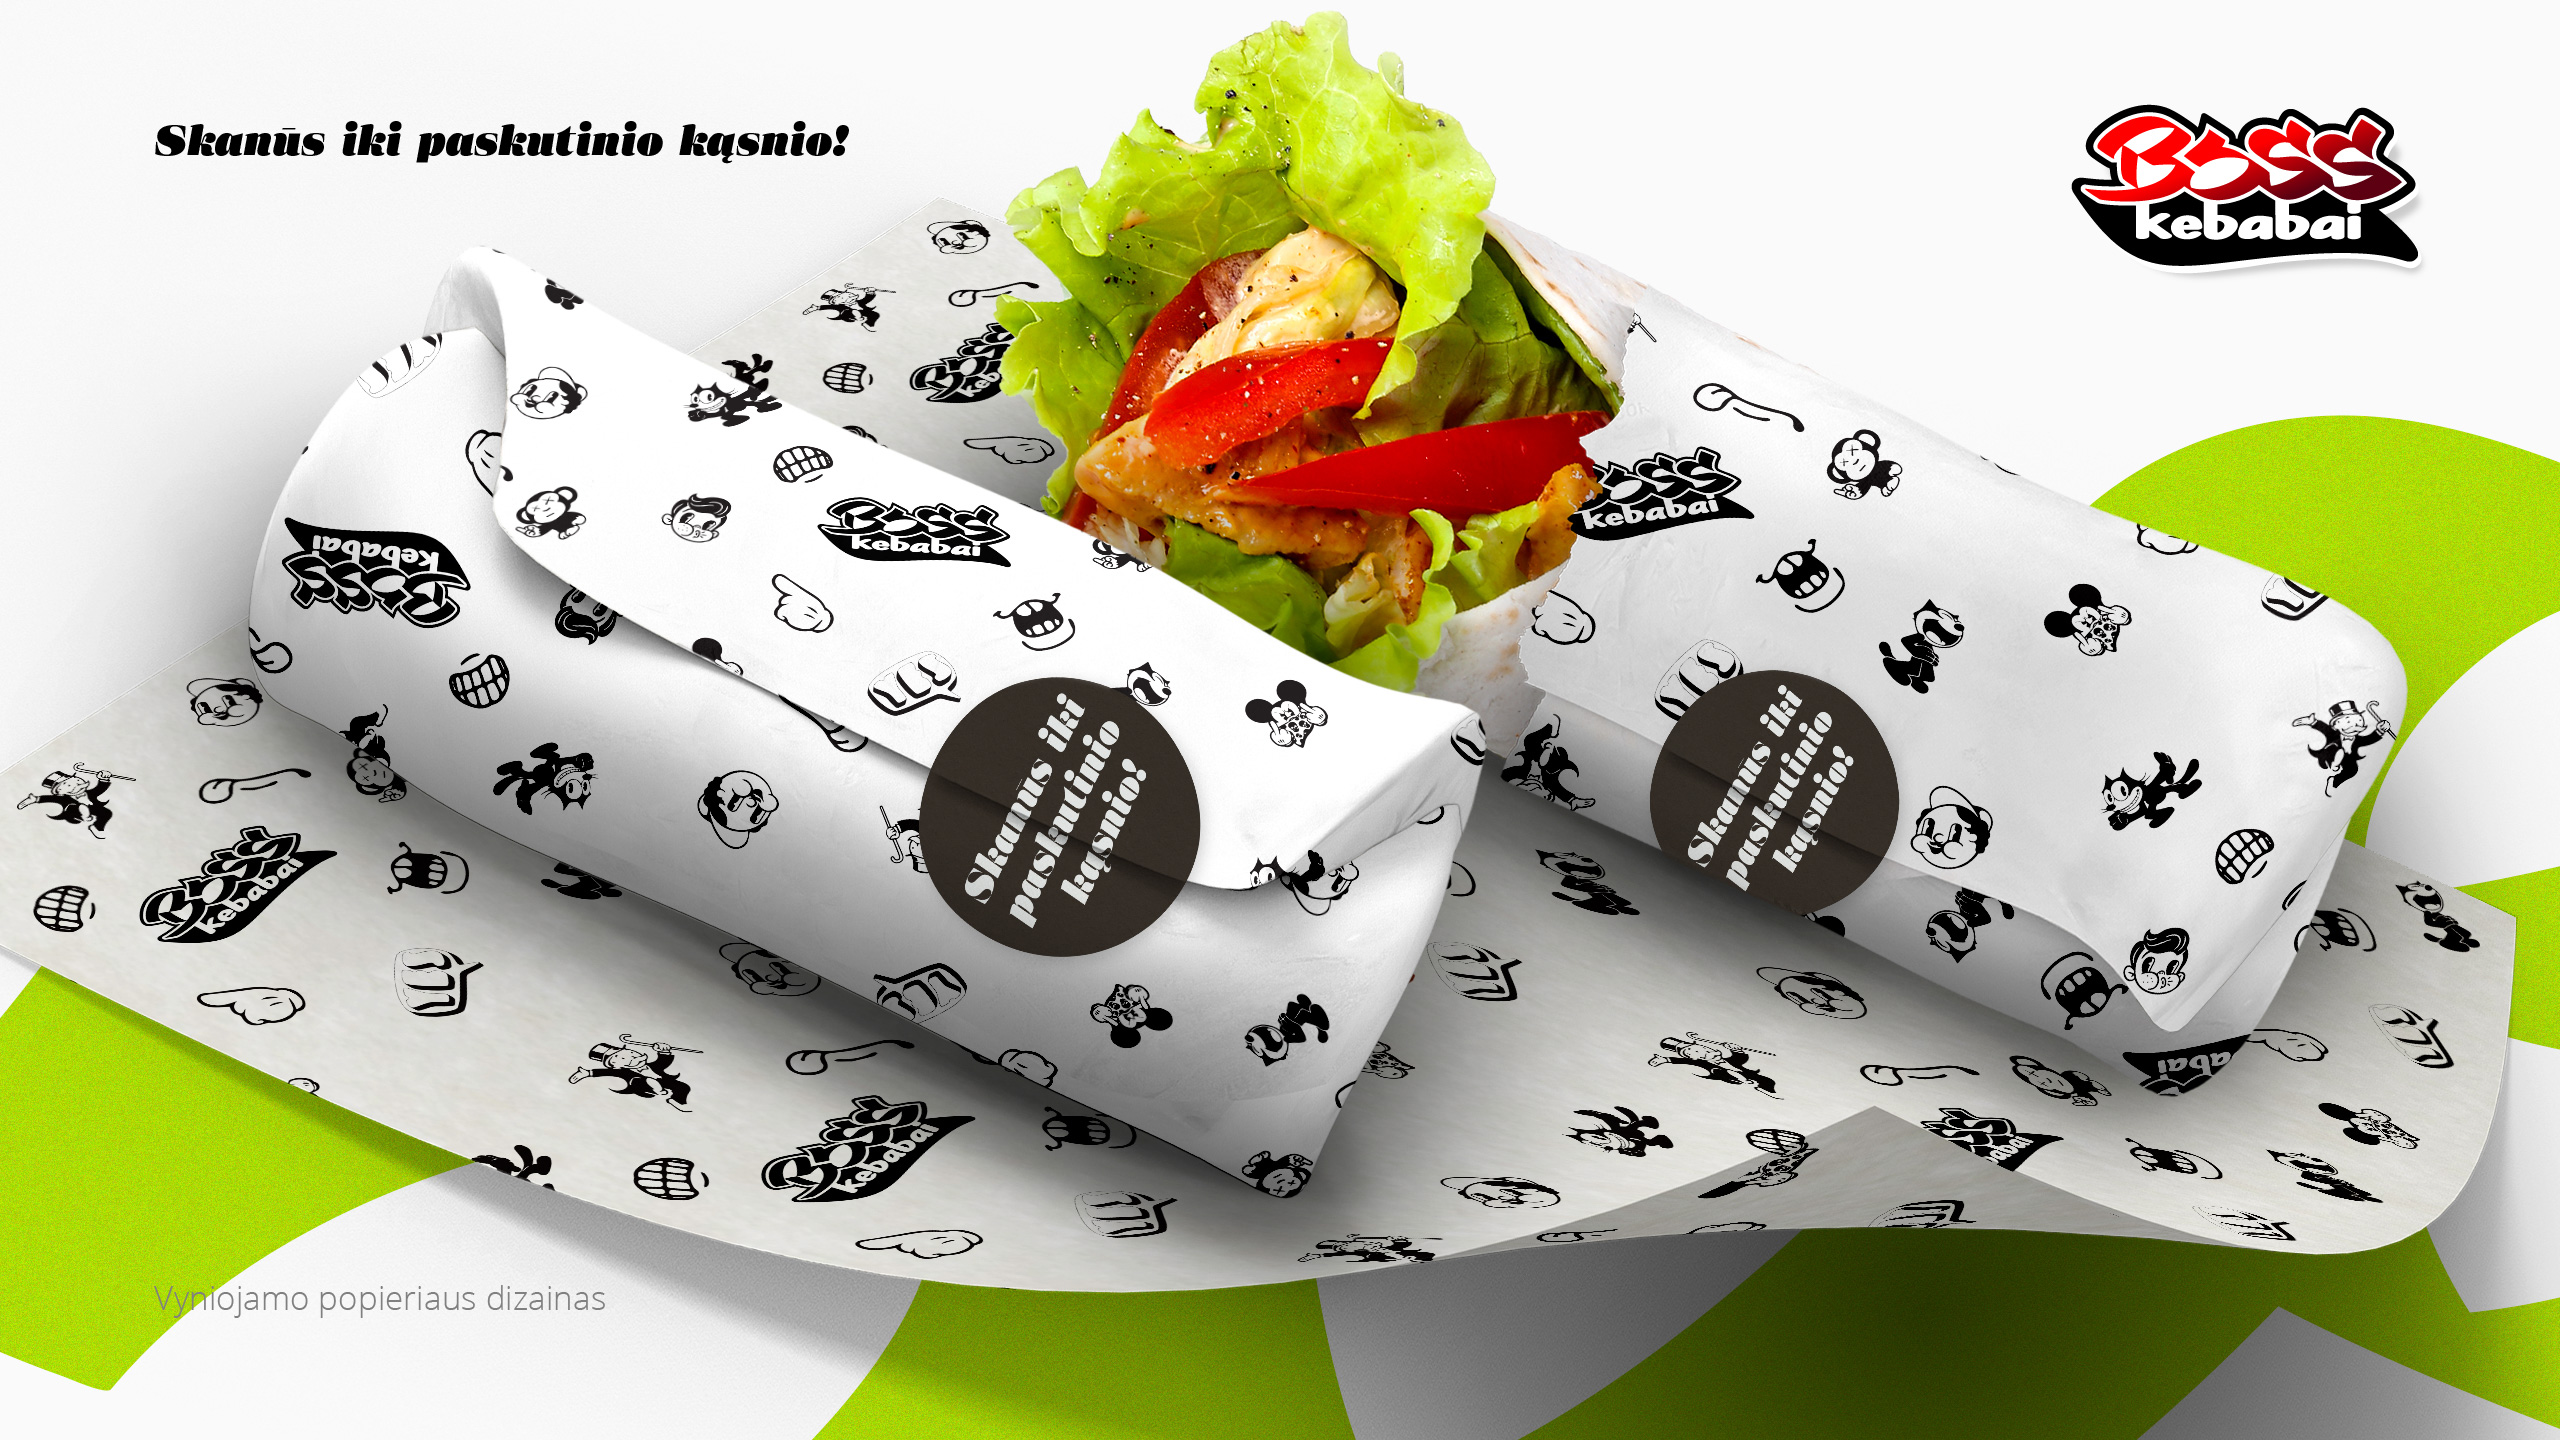 BOSS kebabai 1 branding - Logobou Desing